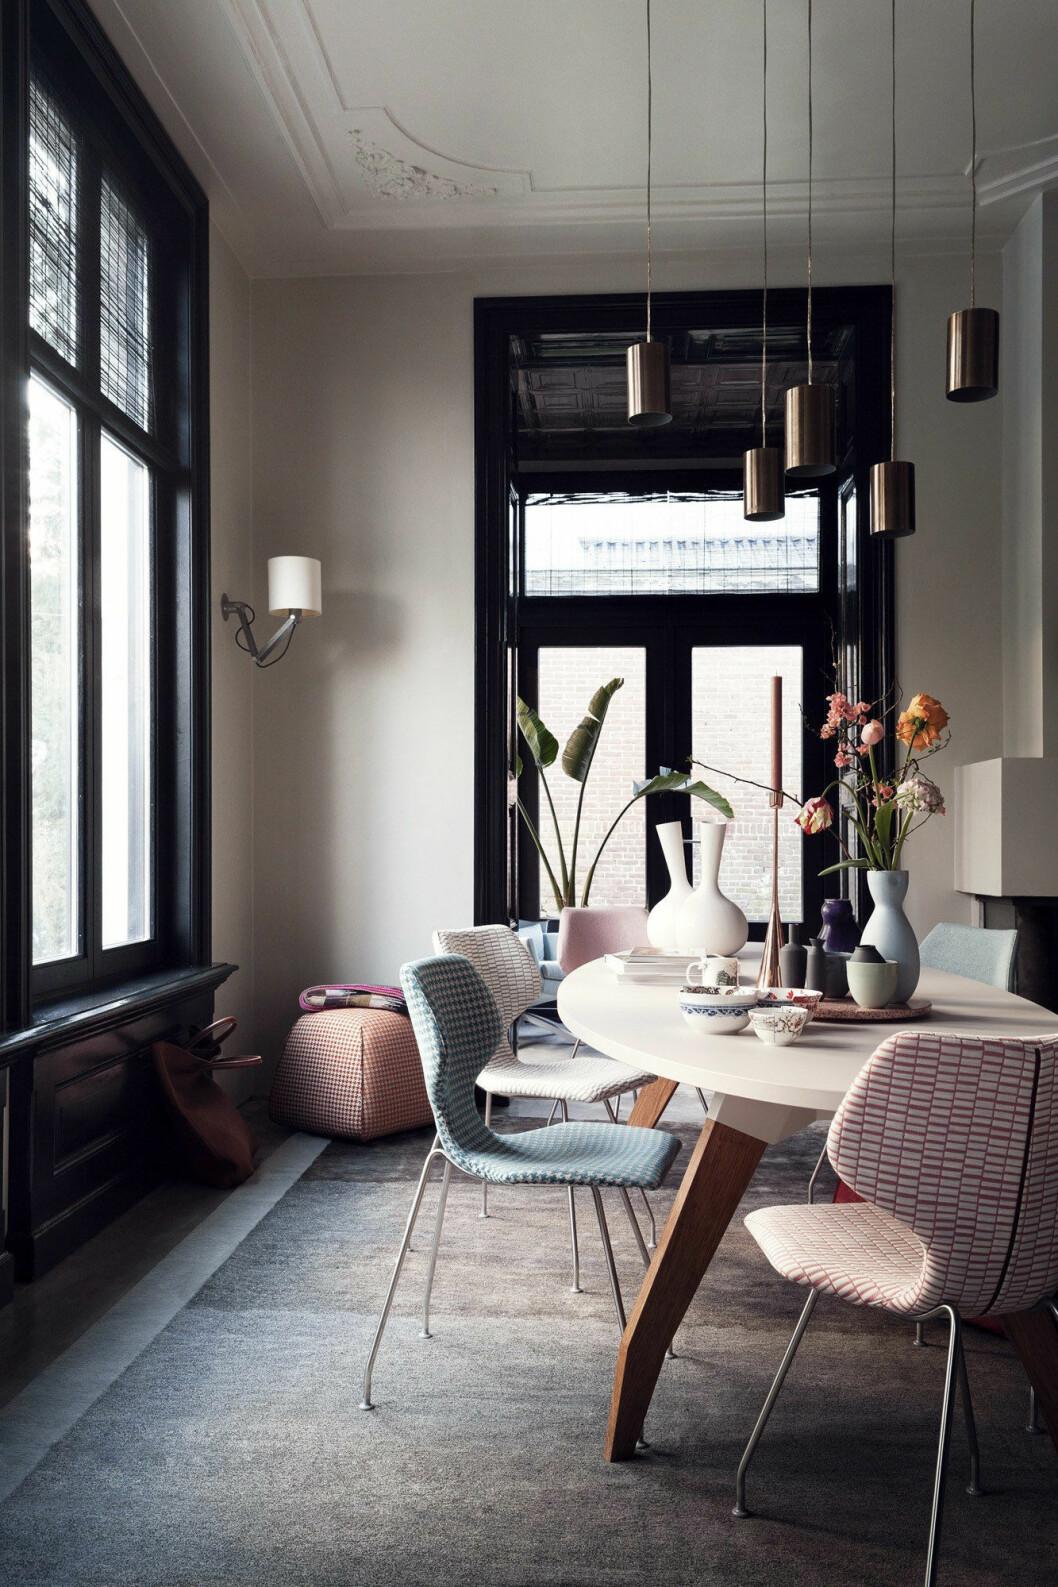 Pastellfärgade stolar i snygg kontrast mot de svarta, markerade fönsterkarmarna